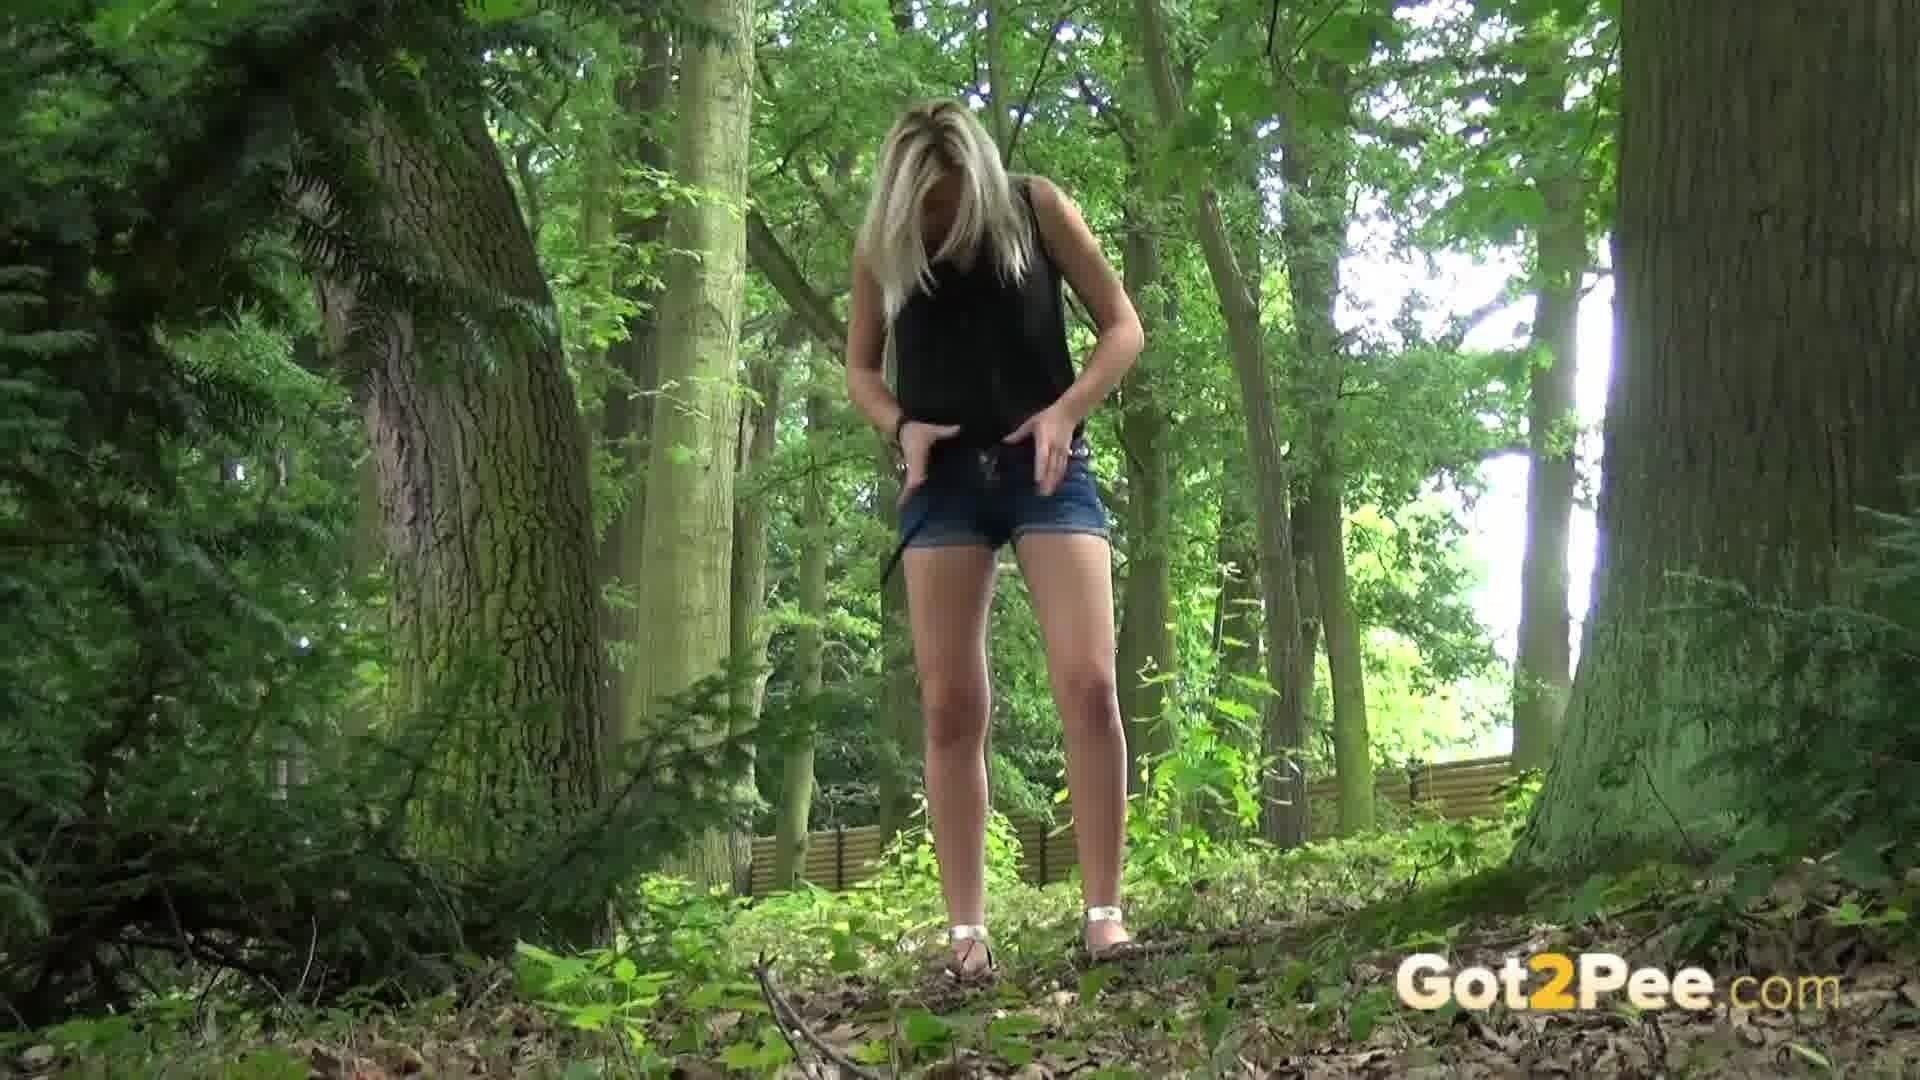 Фото девушки писают в лесу, Фото писающие девушки порно писсинг - Эротические 19 фотография